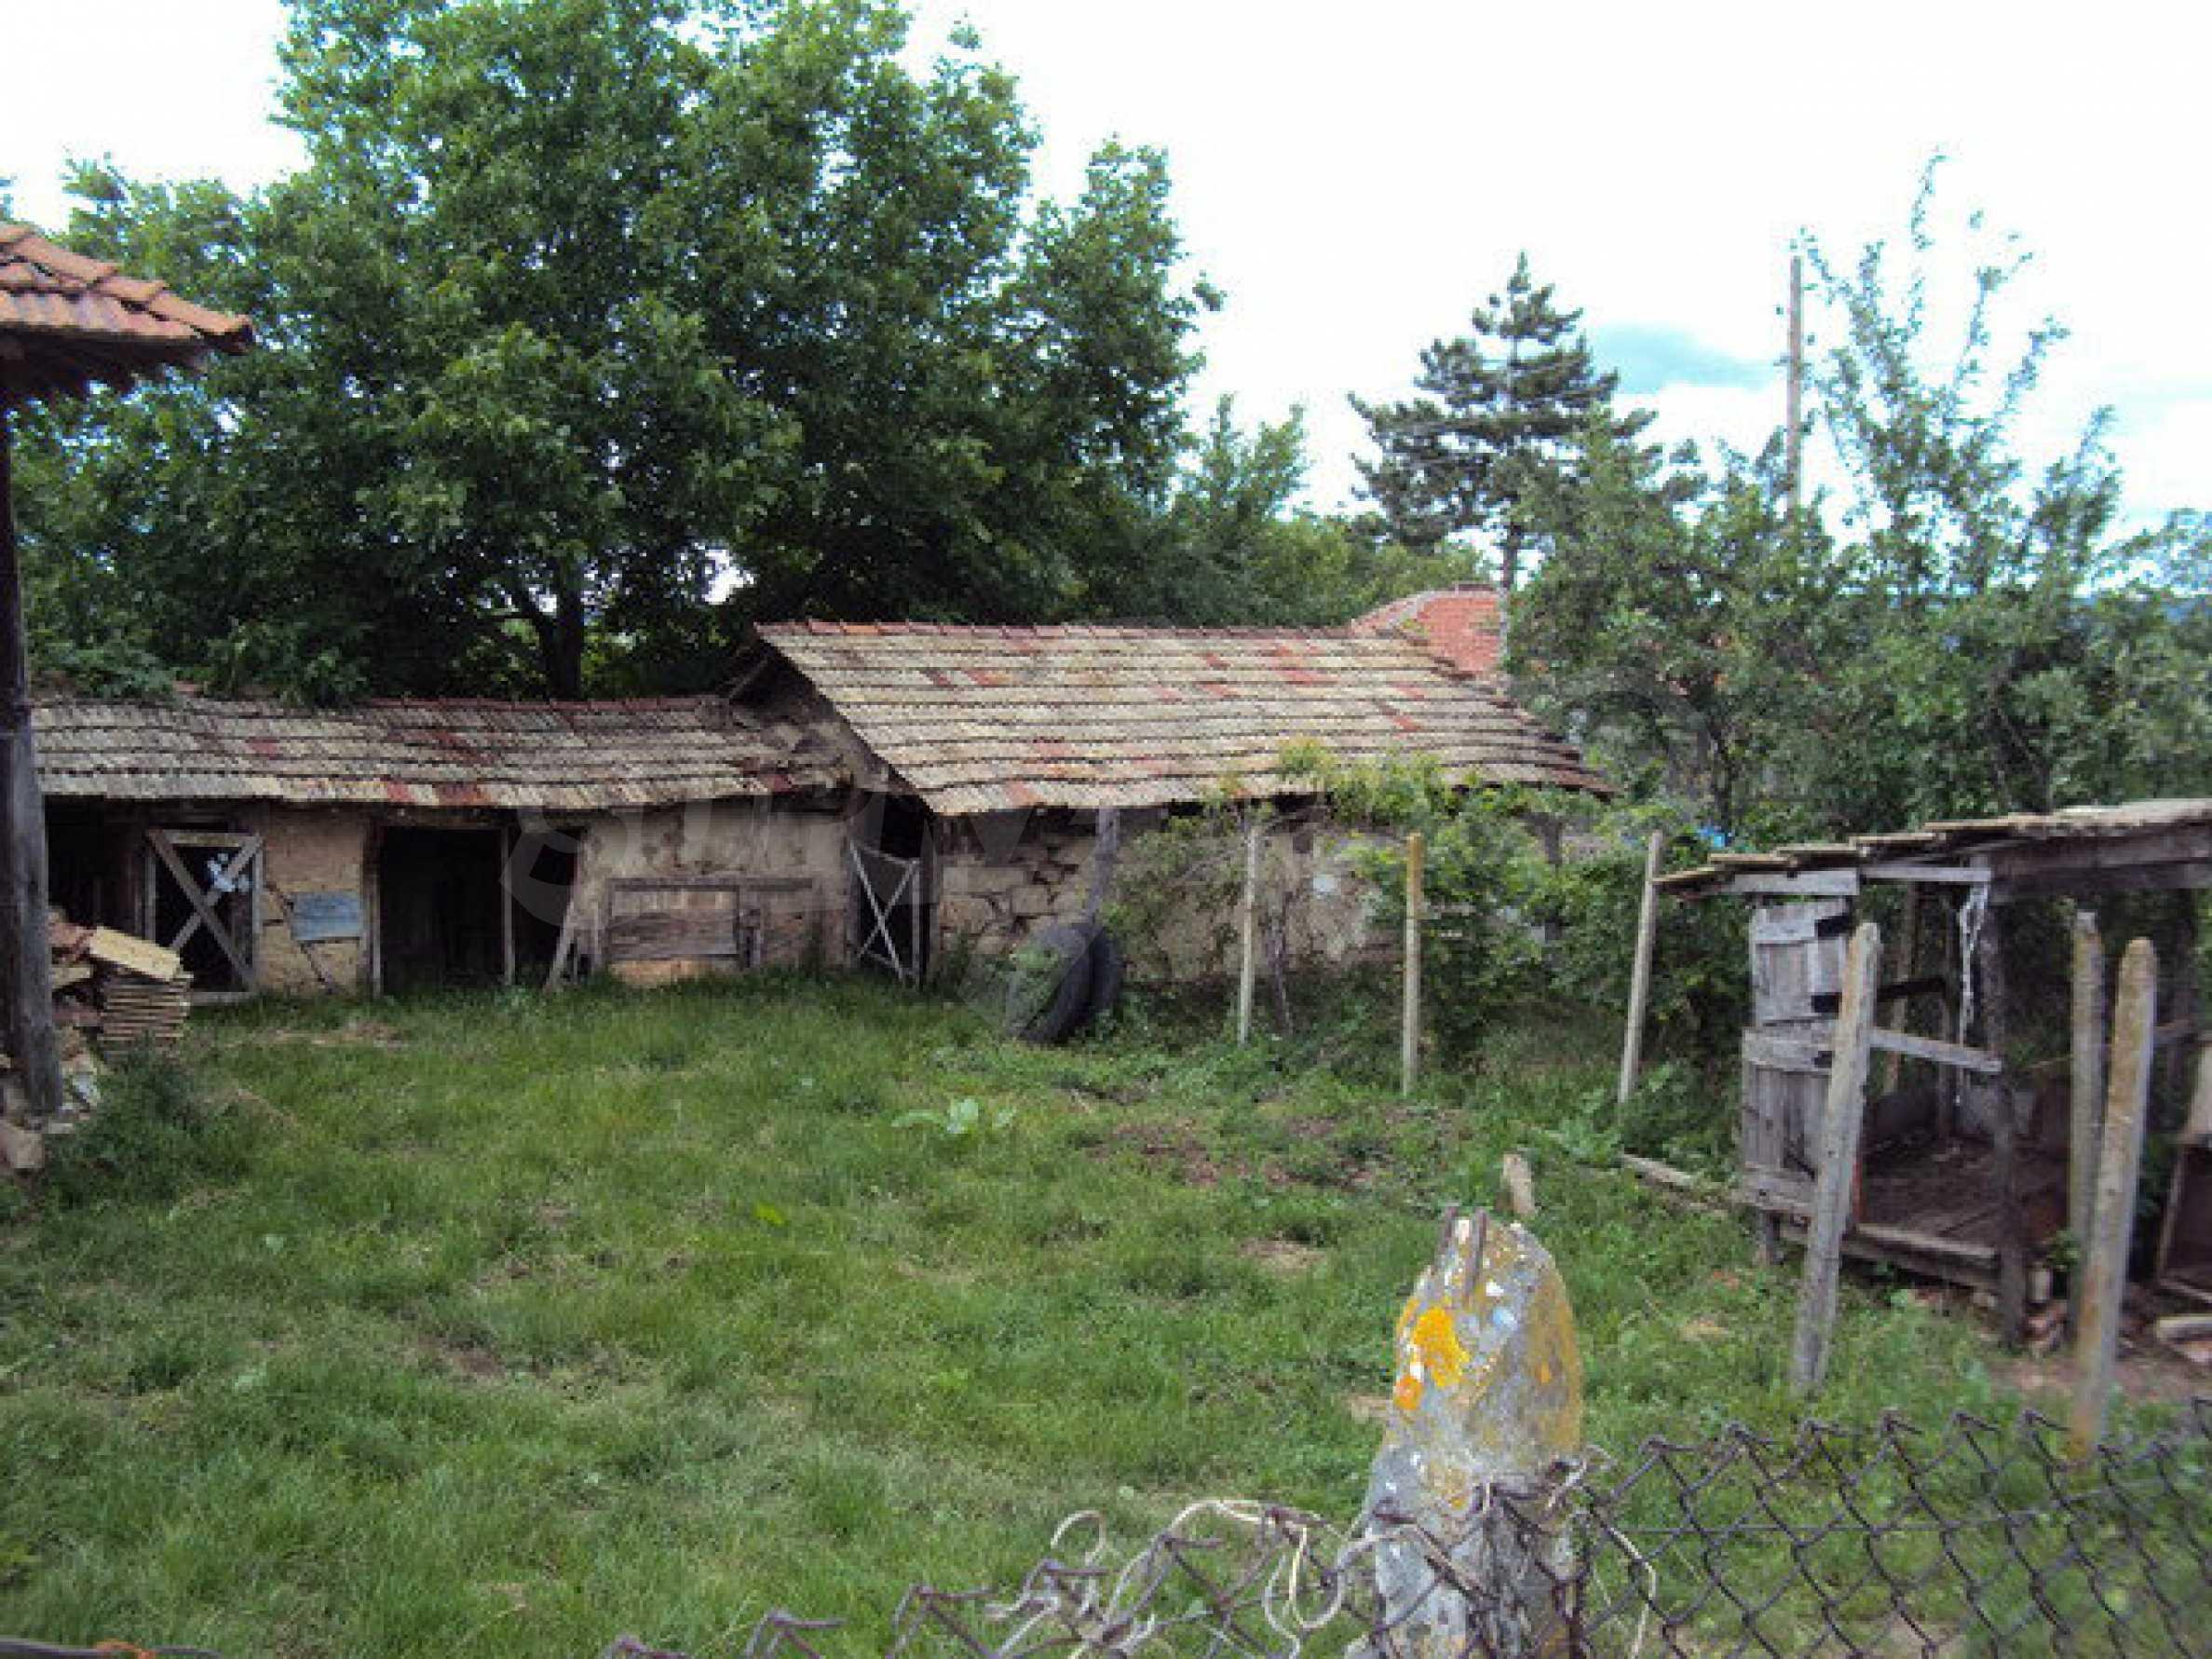 Zweistöckiges Landhaus mit Garten 50 km. von der alten Hauptstadt Veliko Tarnovo 17